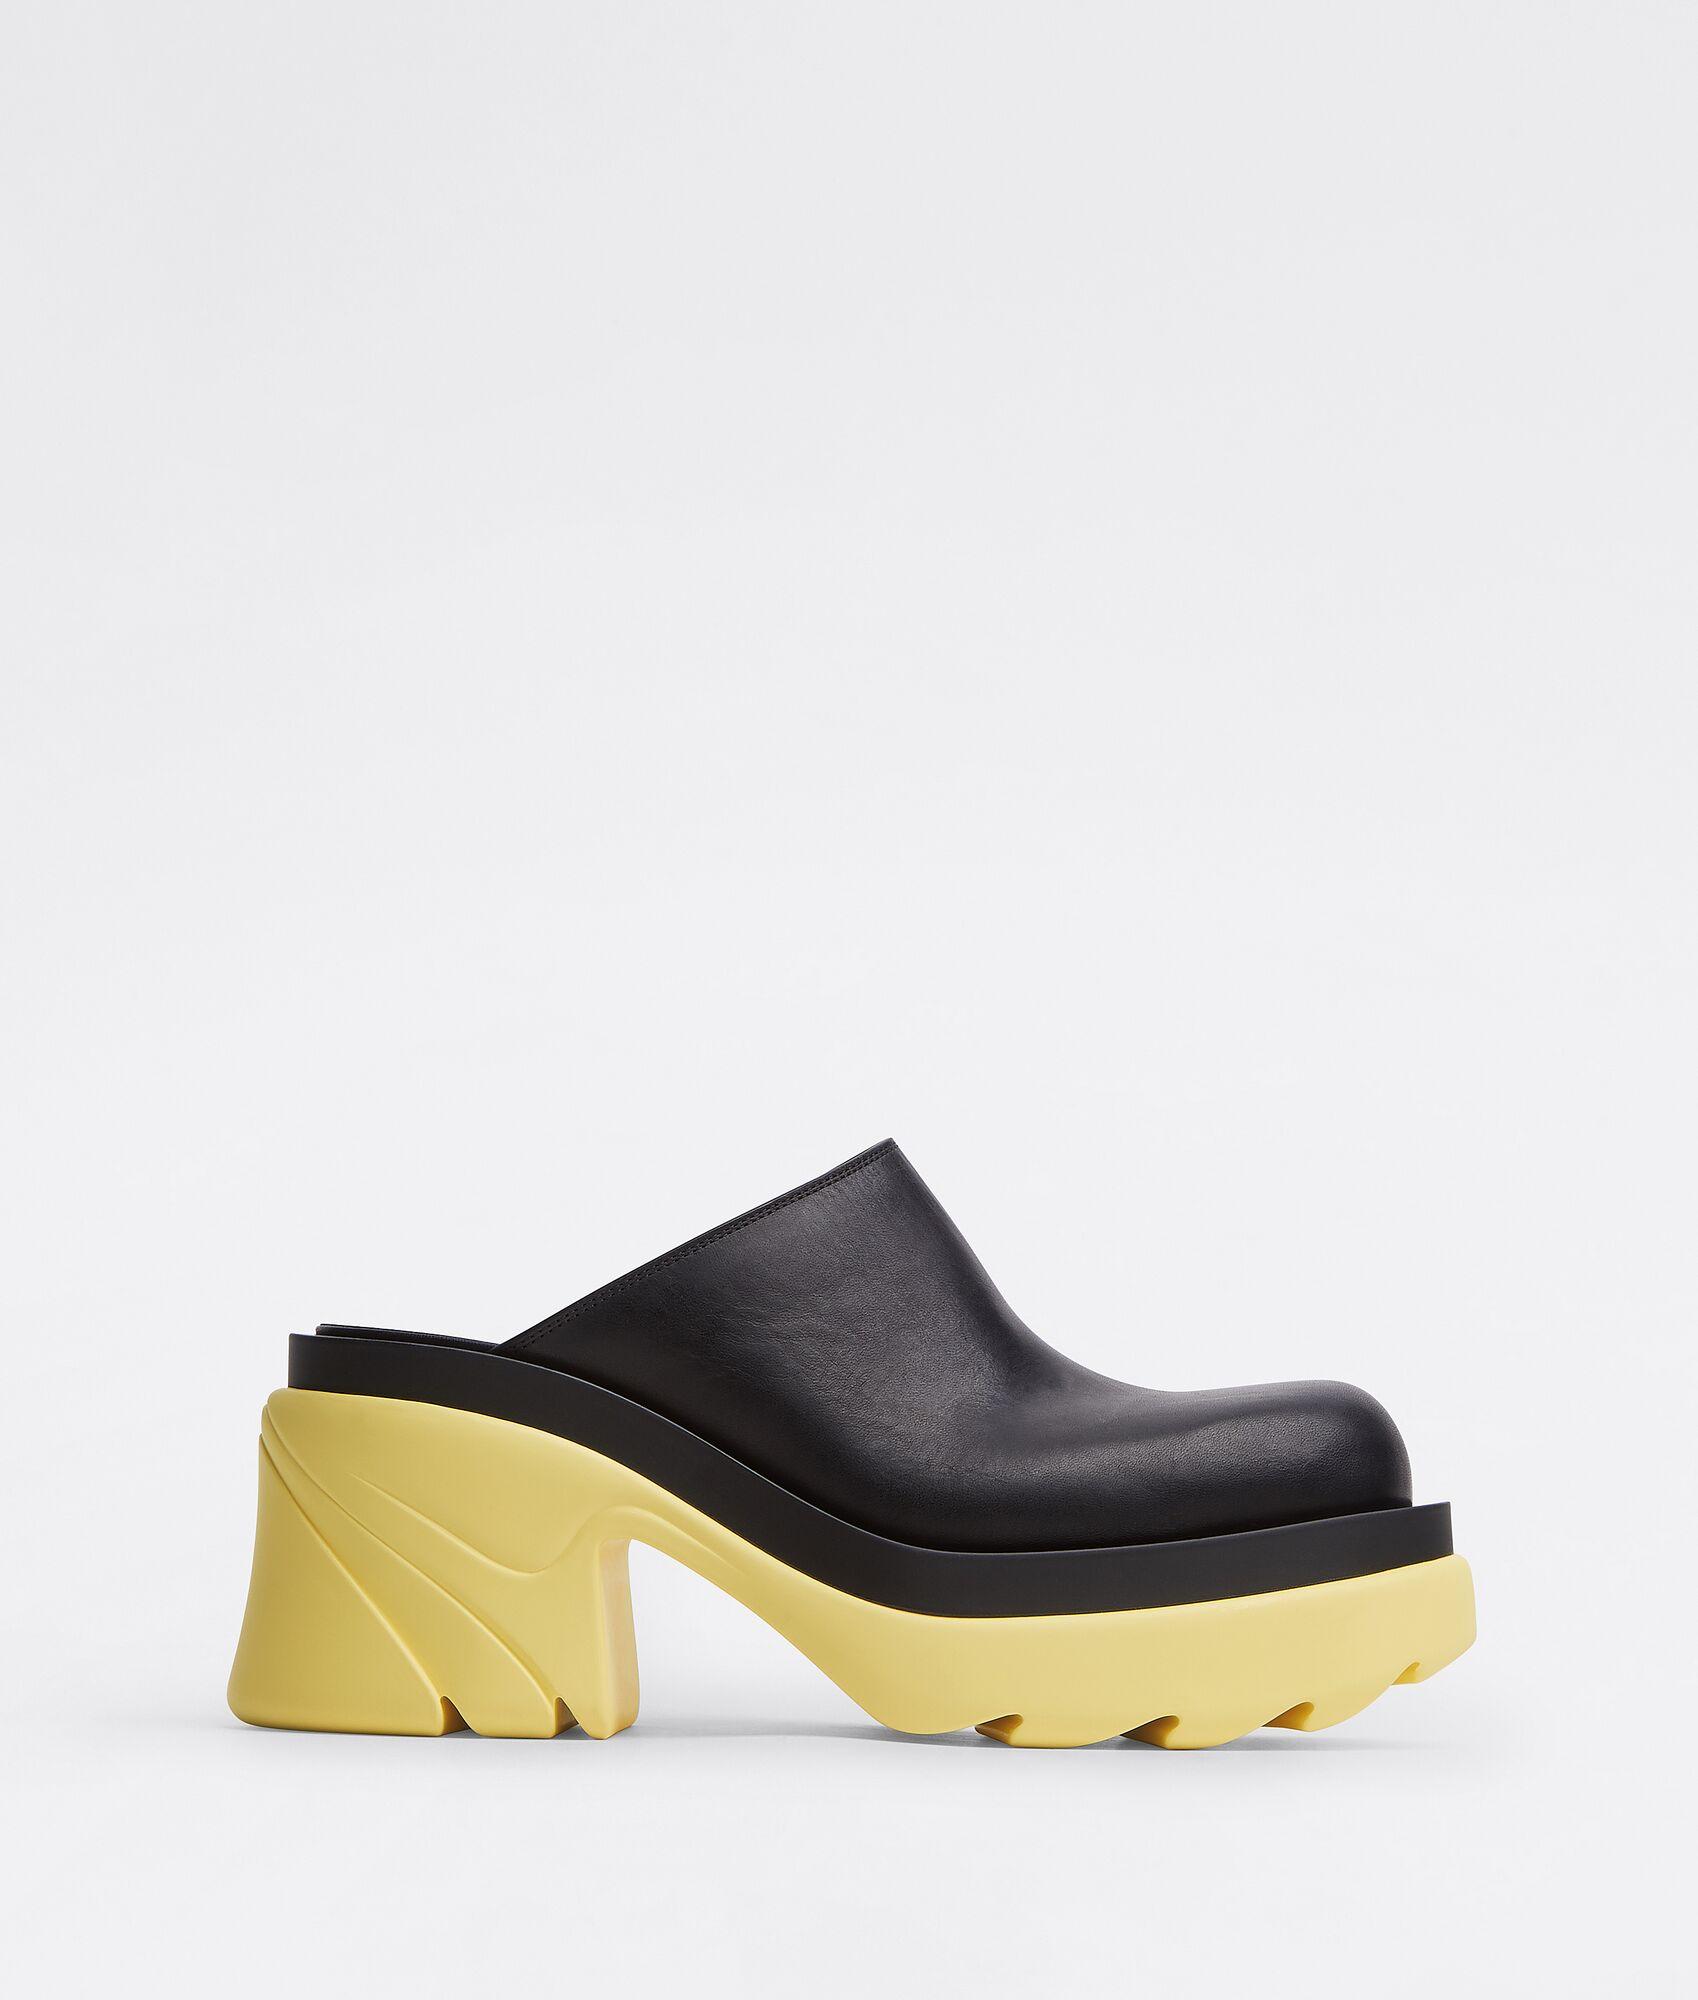 scarpe autunno-inverno 2021/2022